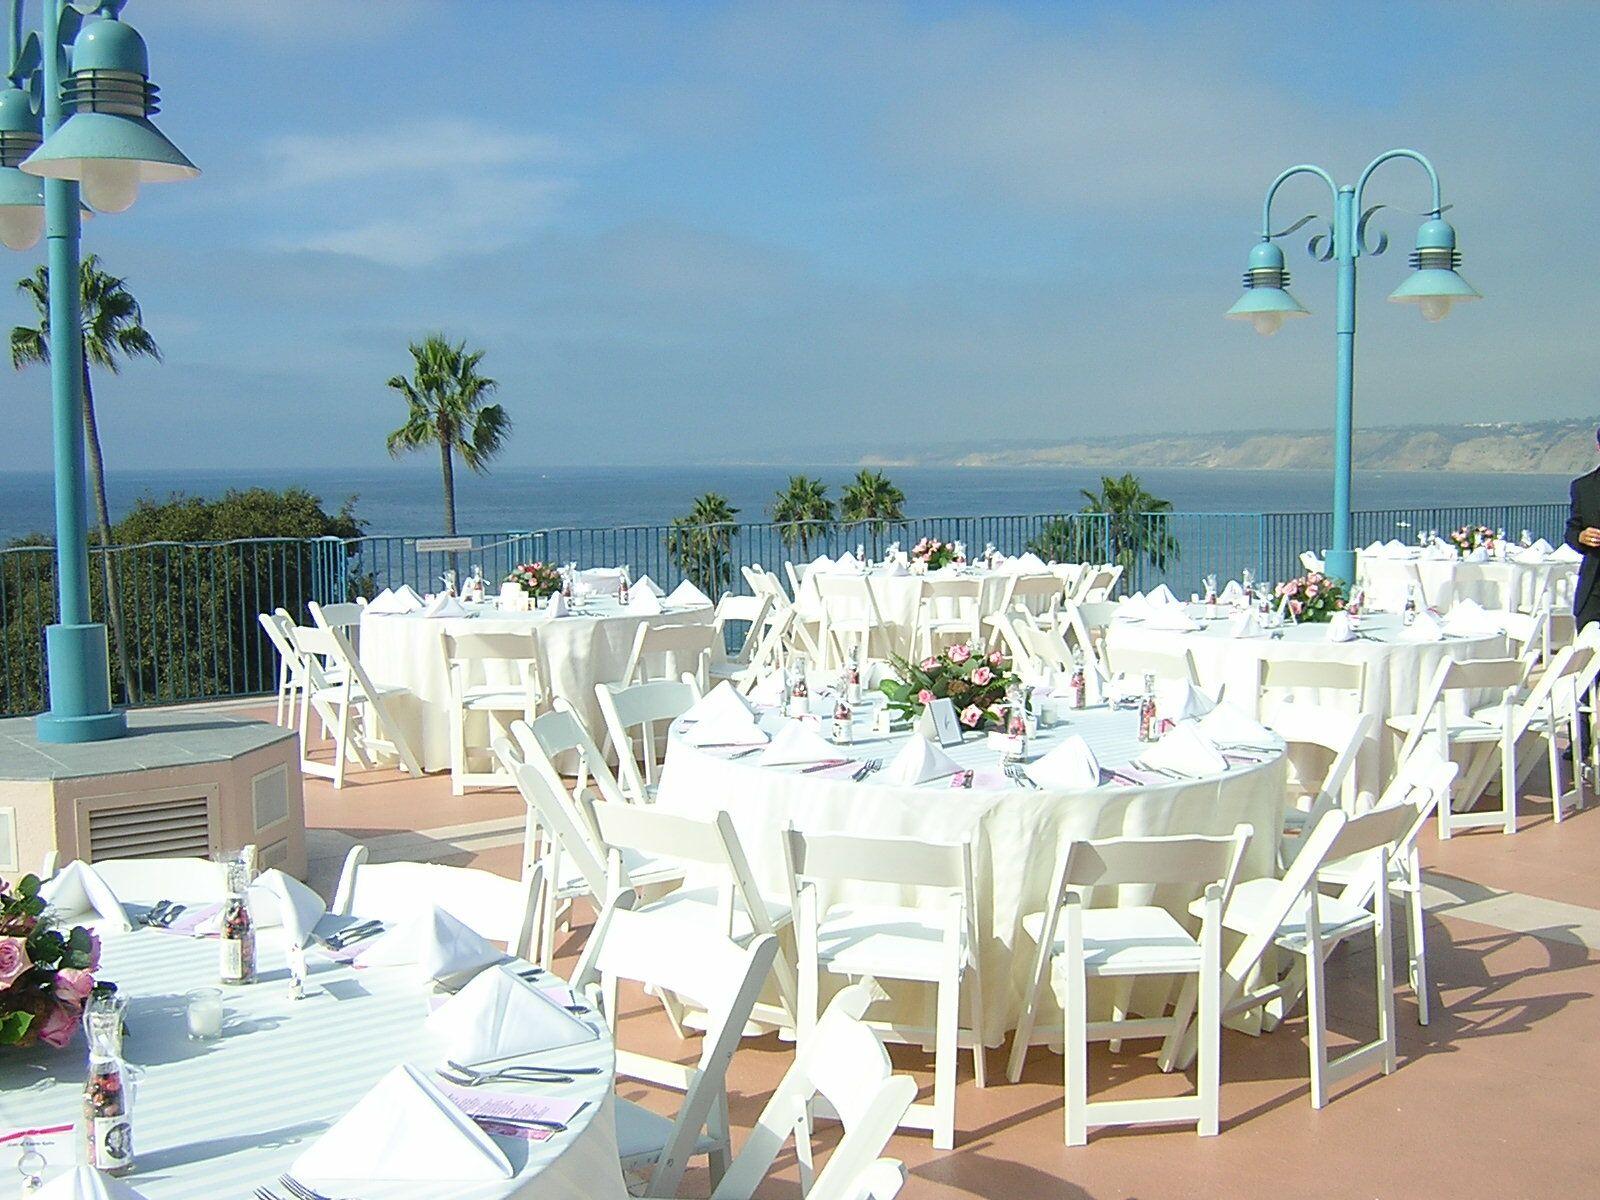 La Jolla Cove Hotel & Suites - La Jolla, CA